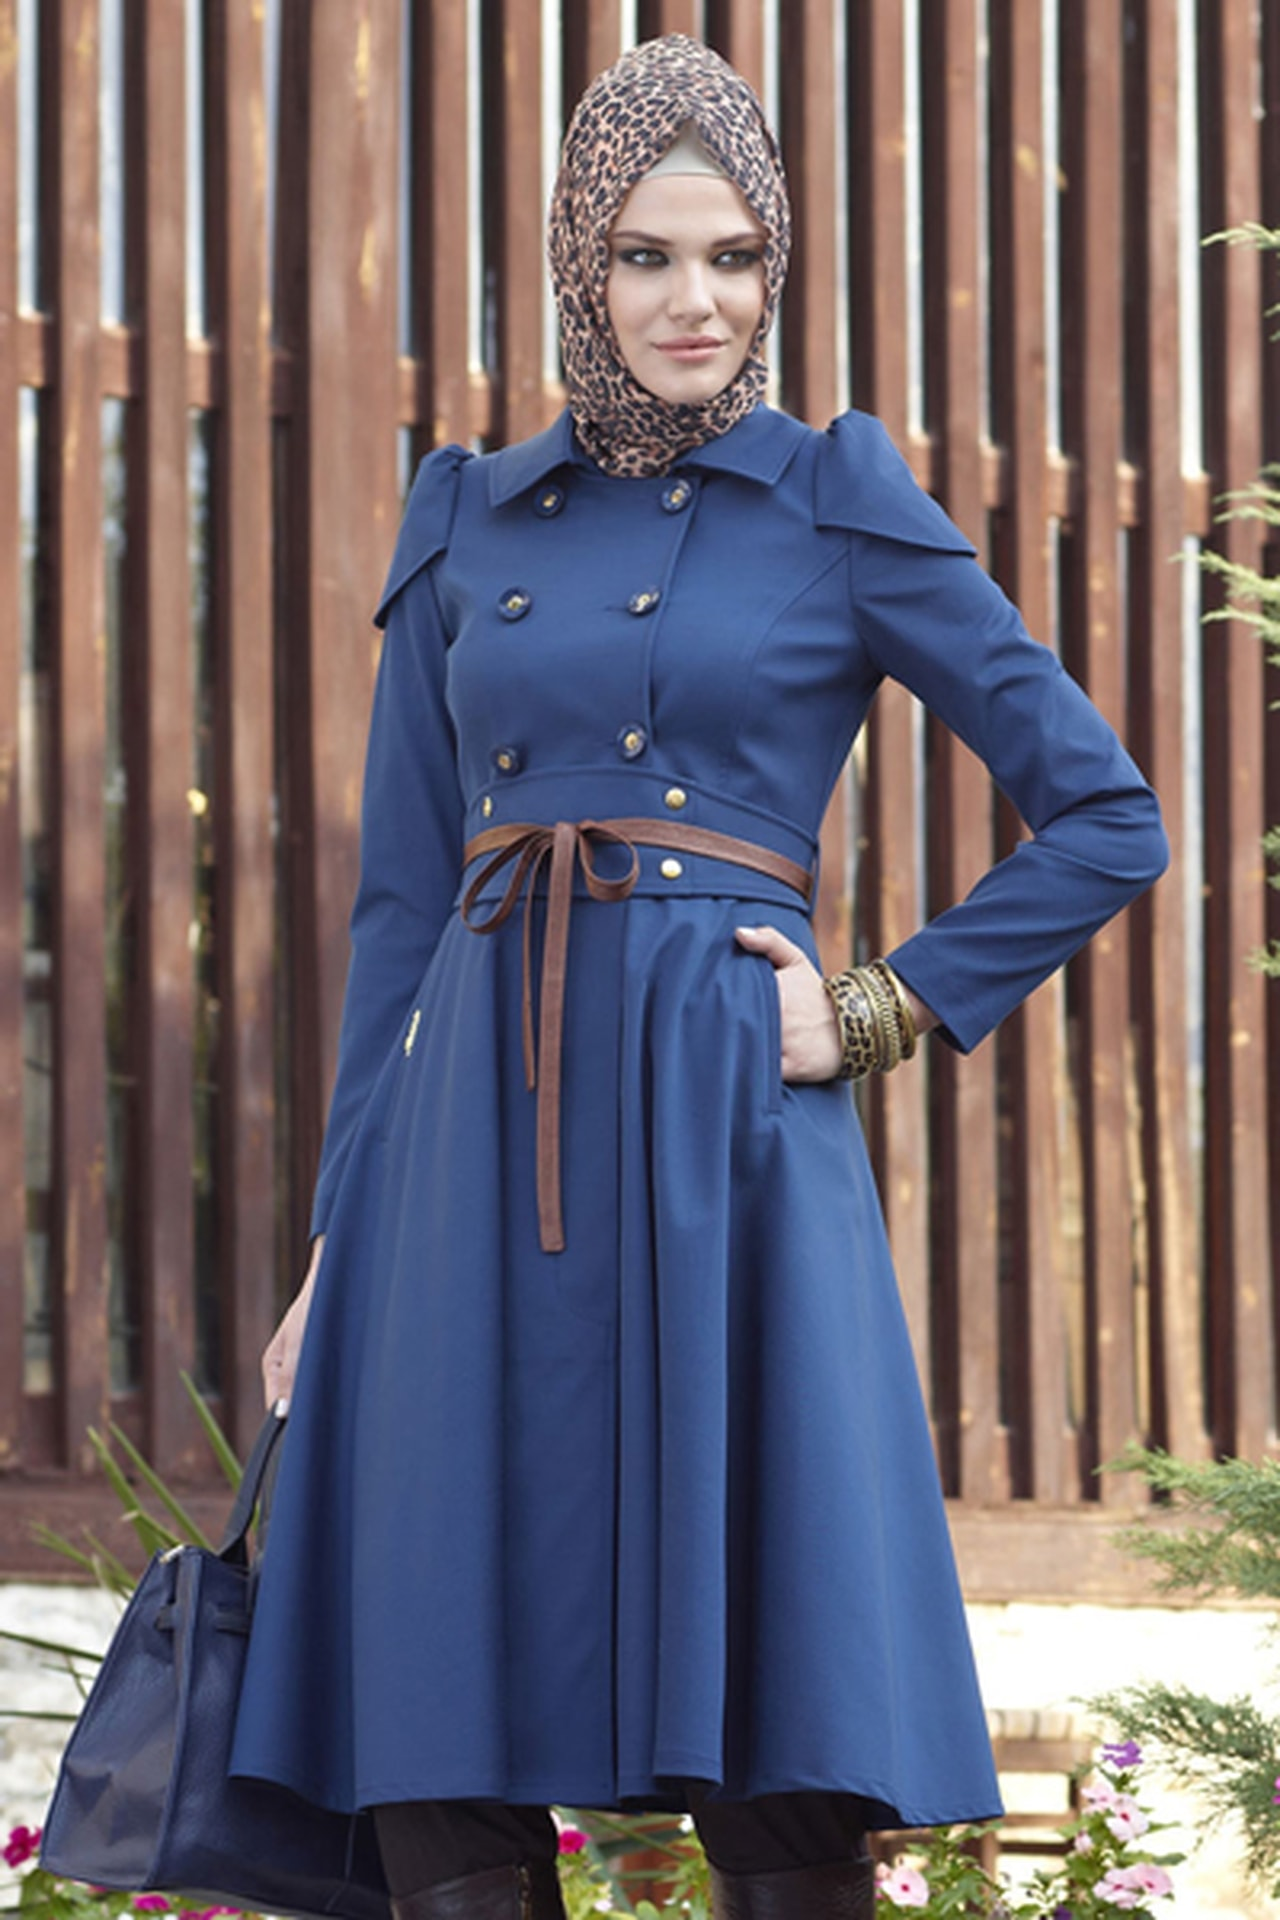 بالصور موديلات حجابات تركية , احدث موديلات حجاب تركيه 5641 10